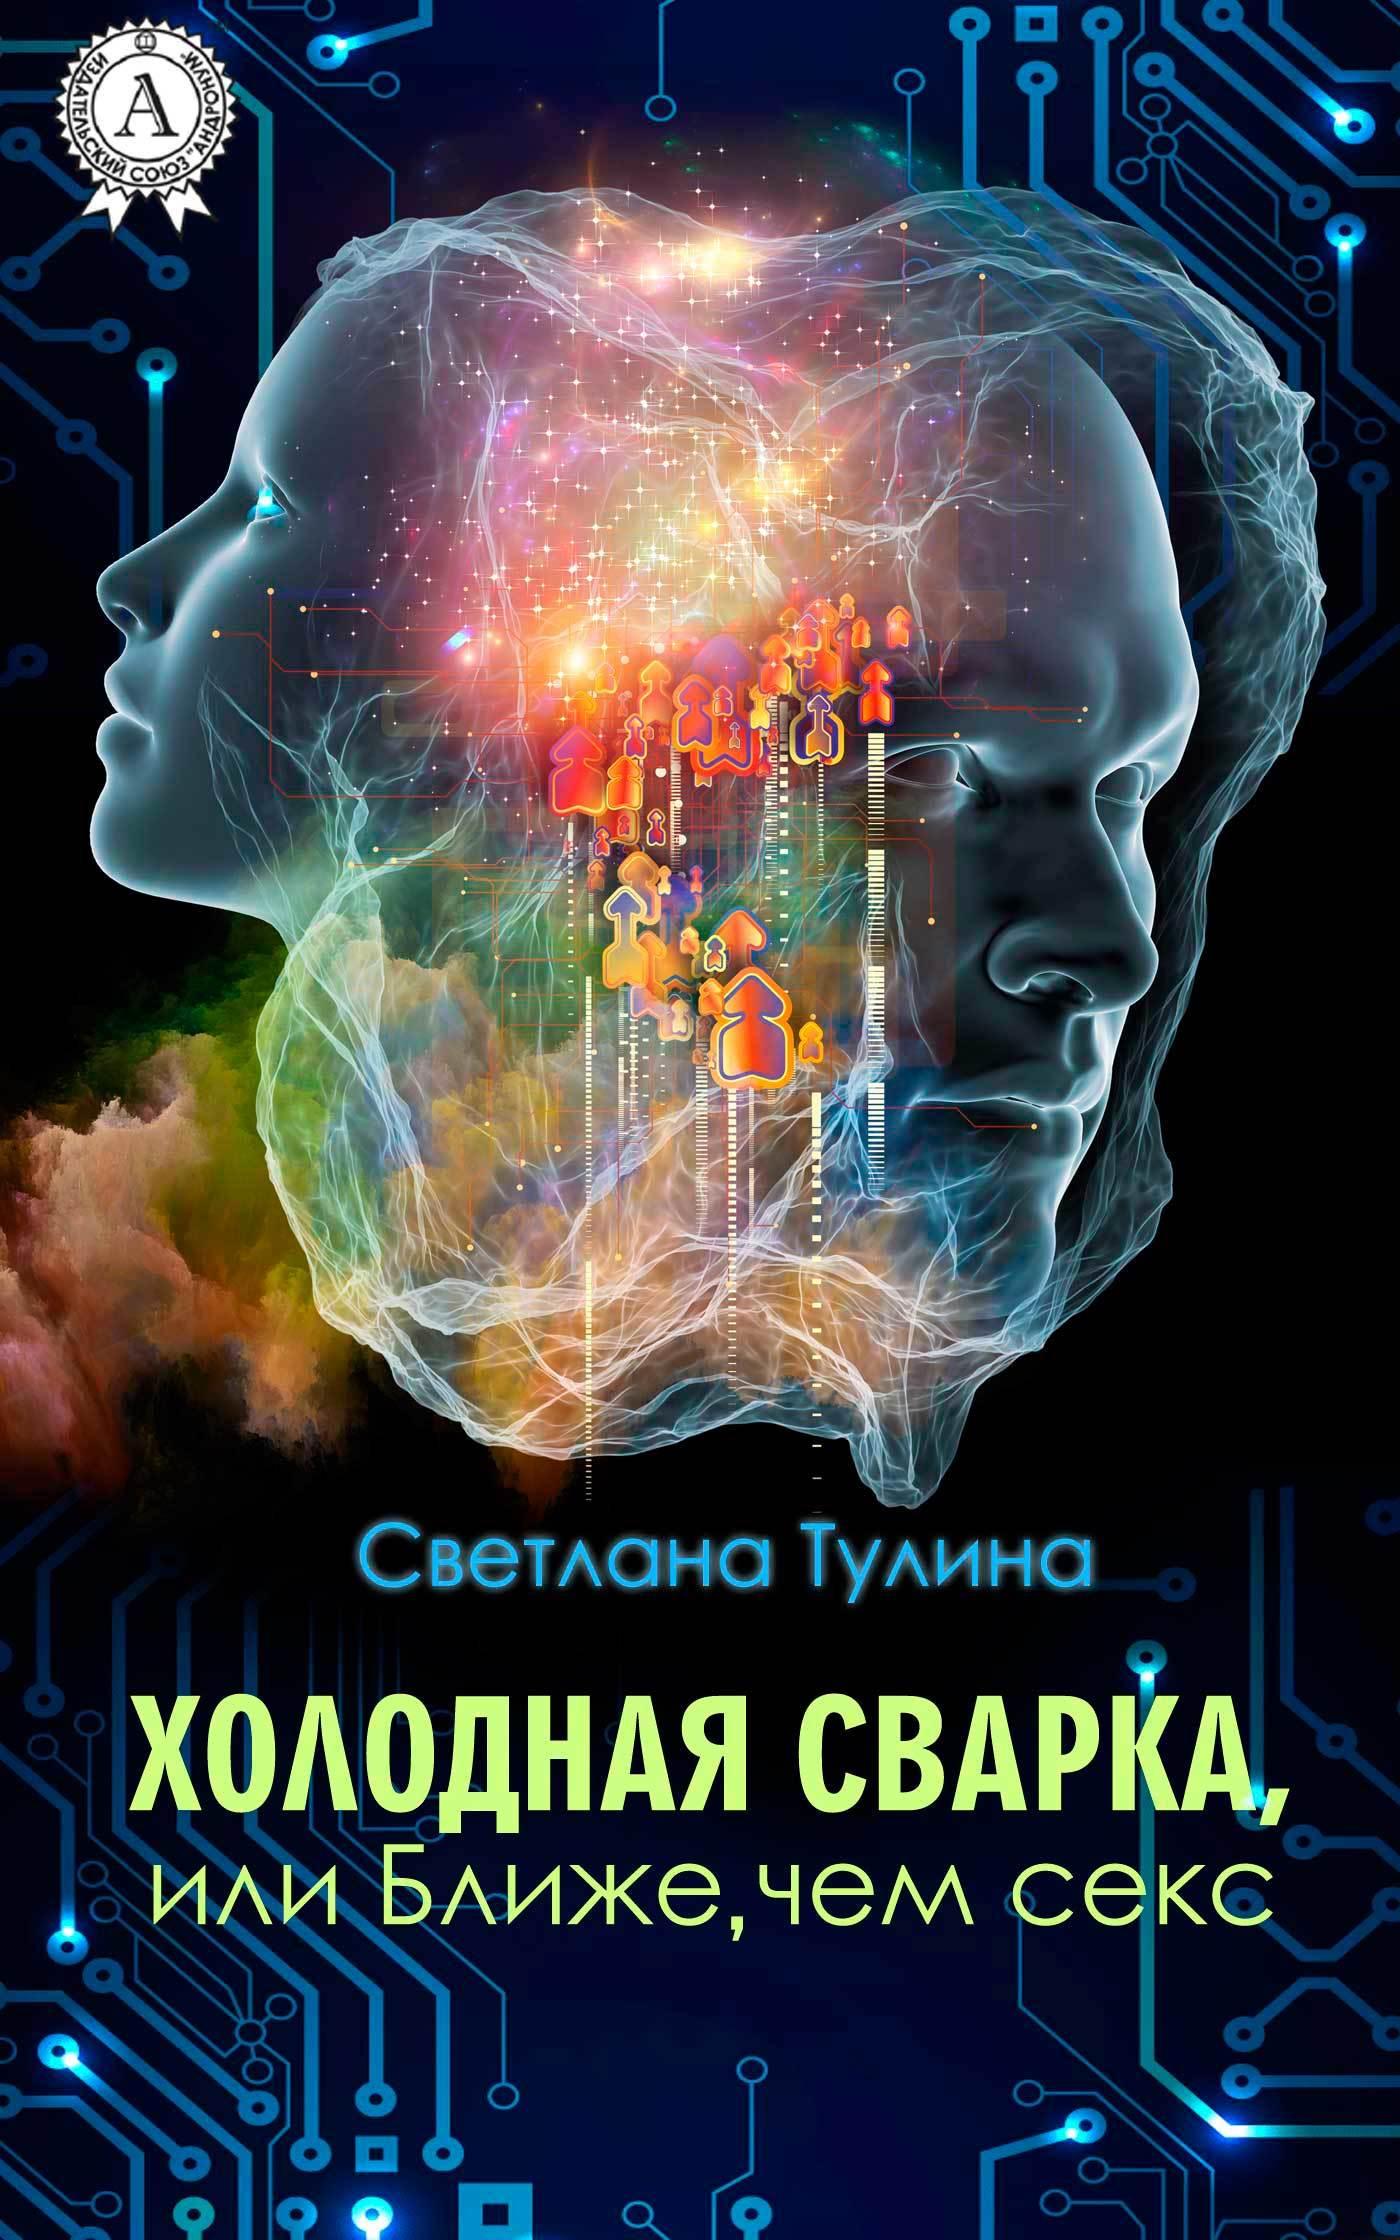 Светлана Тулина - Холодная сварка, или Ближе, чем секс